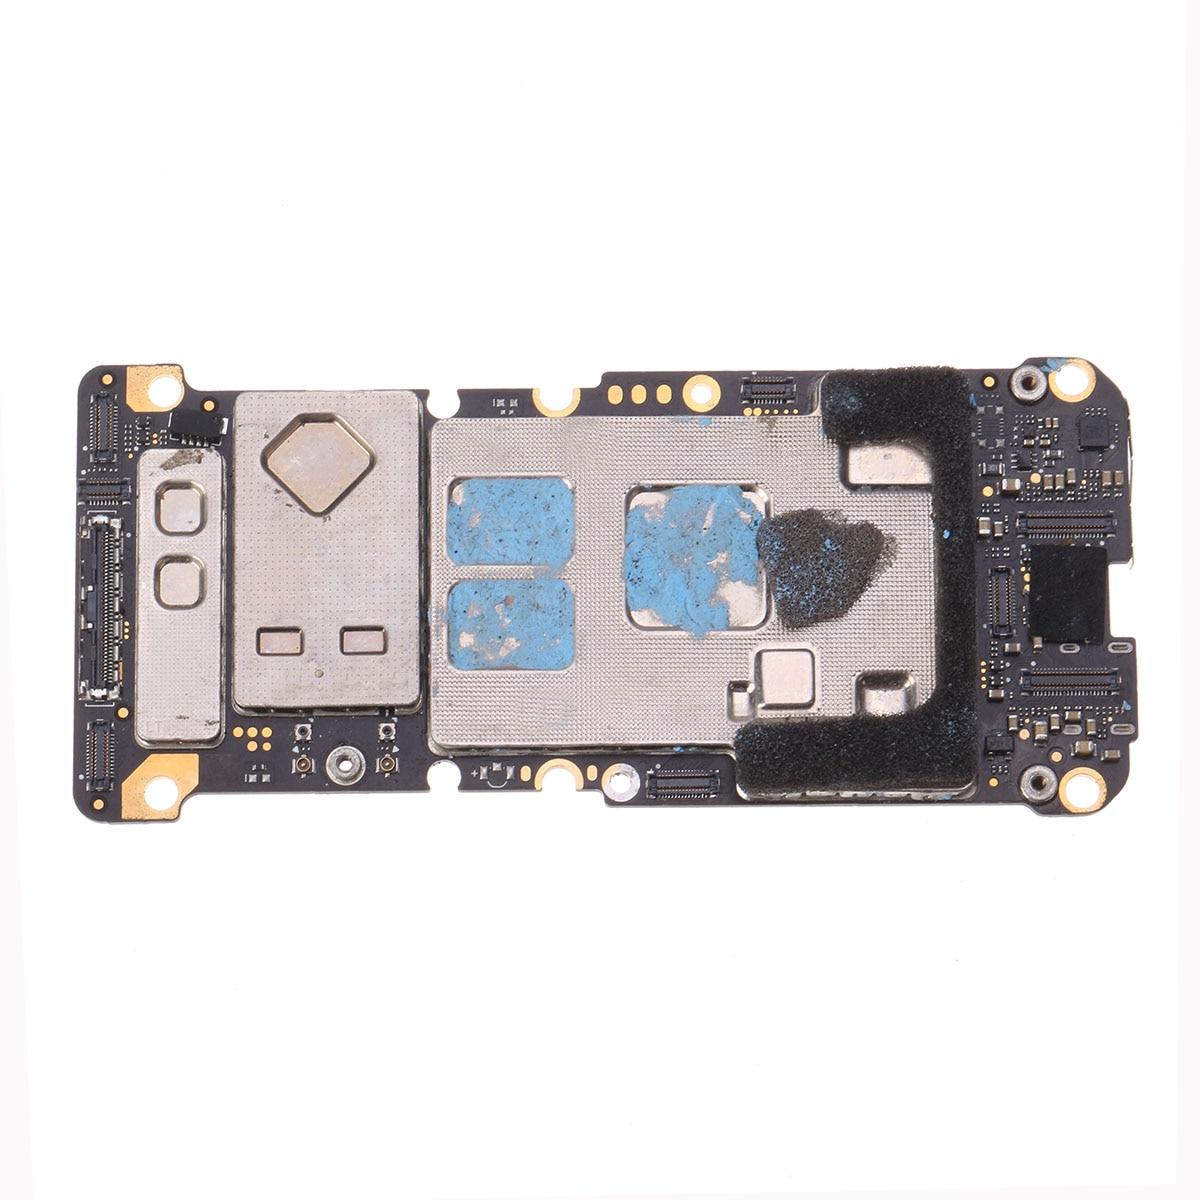 Original Main Core Processor Board Repair Part Mainboard Motherboard  Circuit Board Replacement For DJI Mavic Air Drone